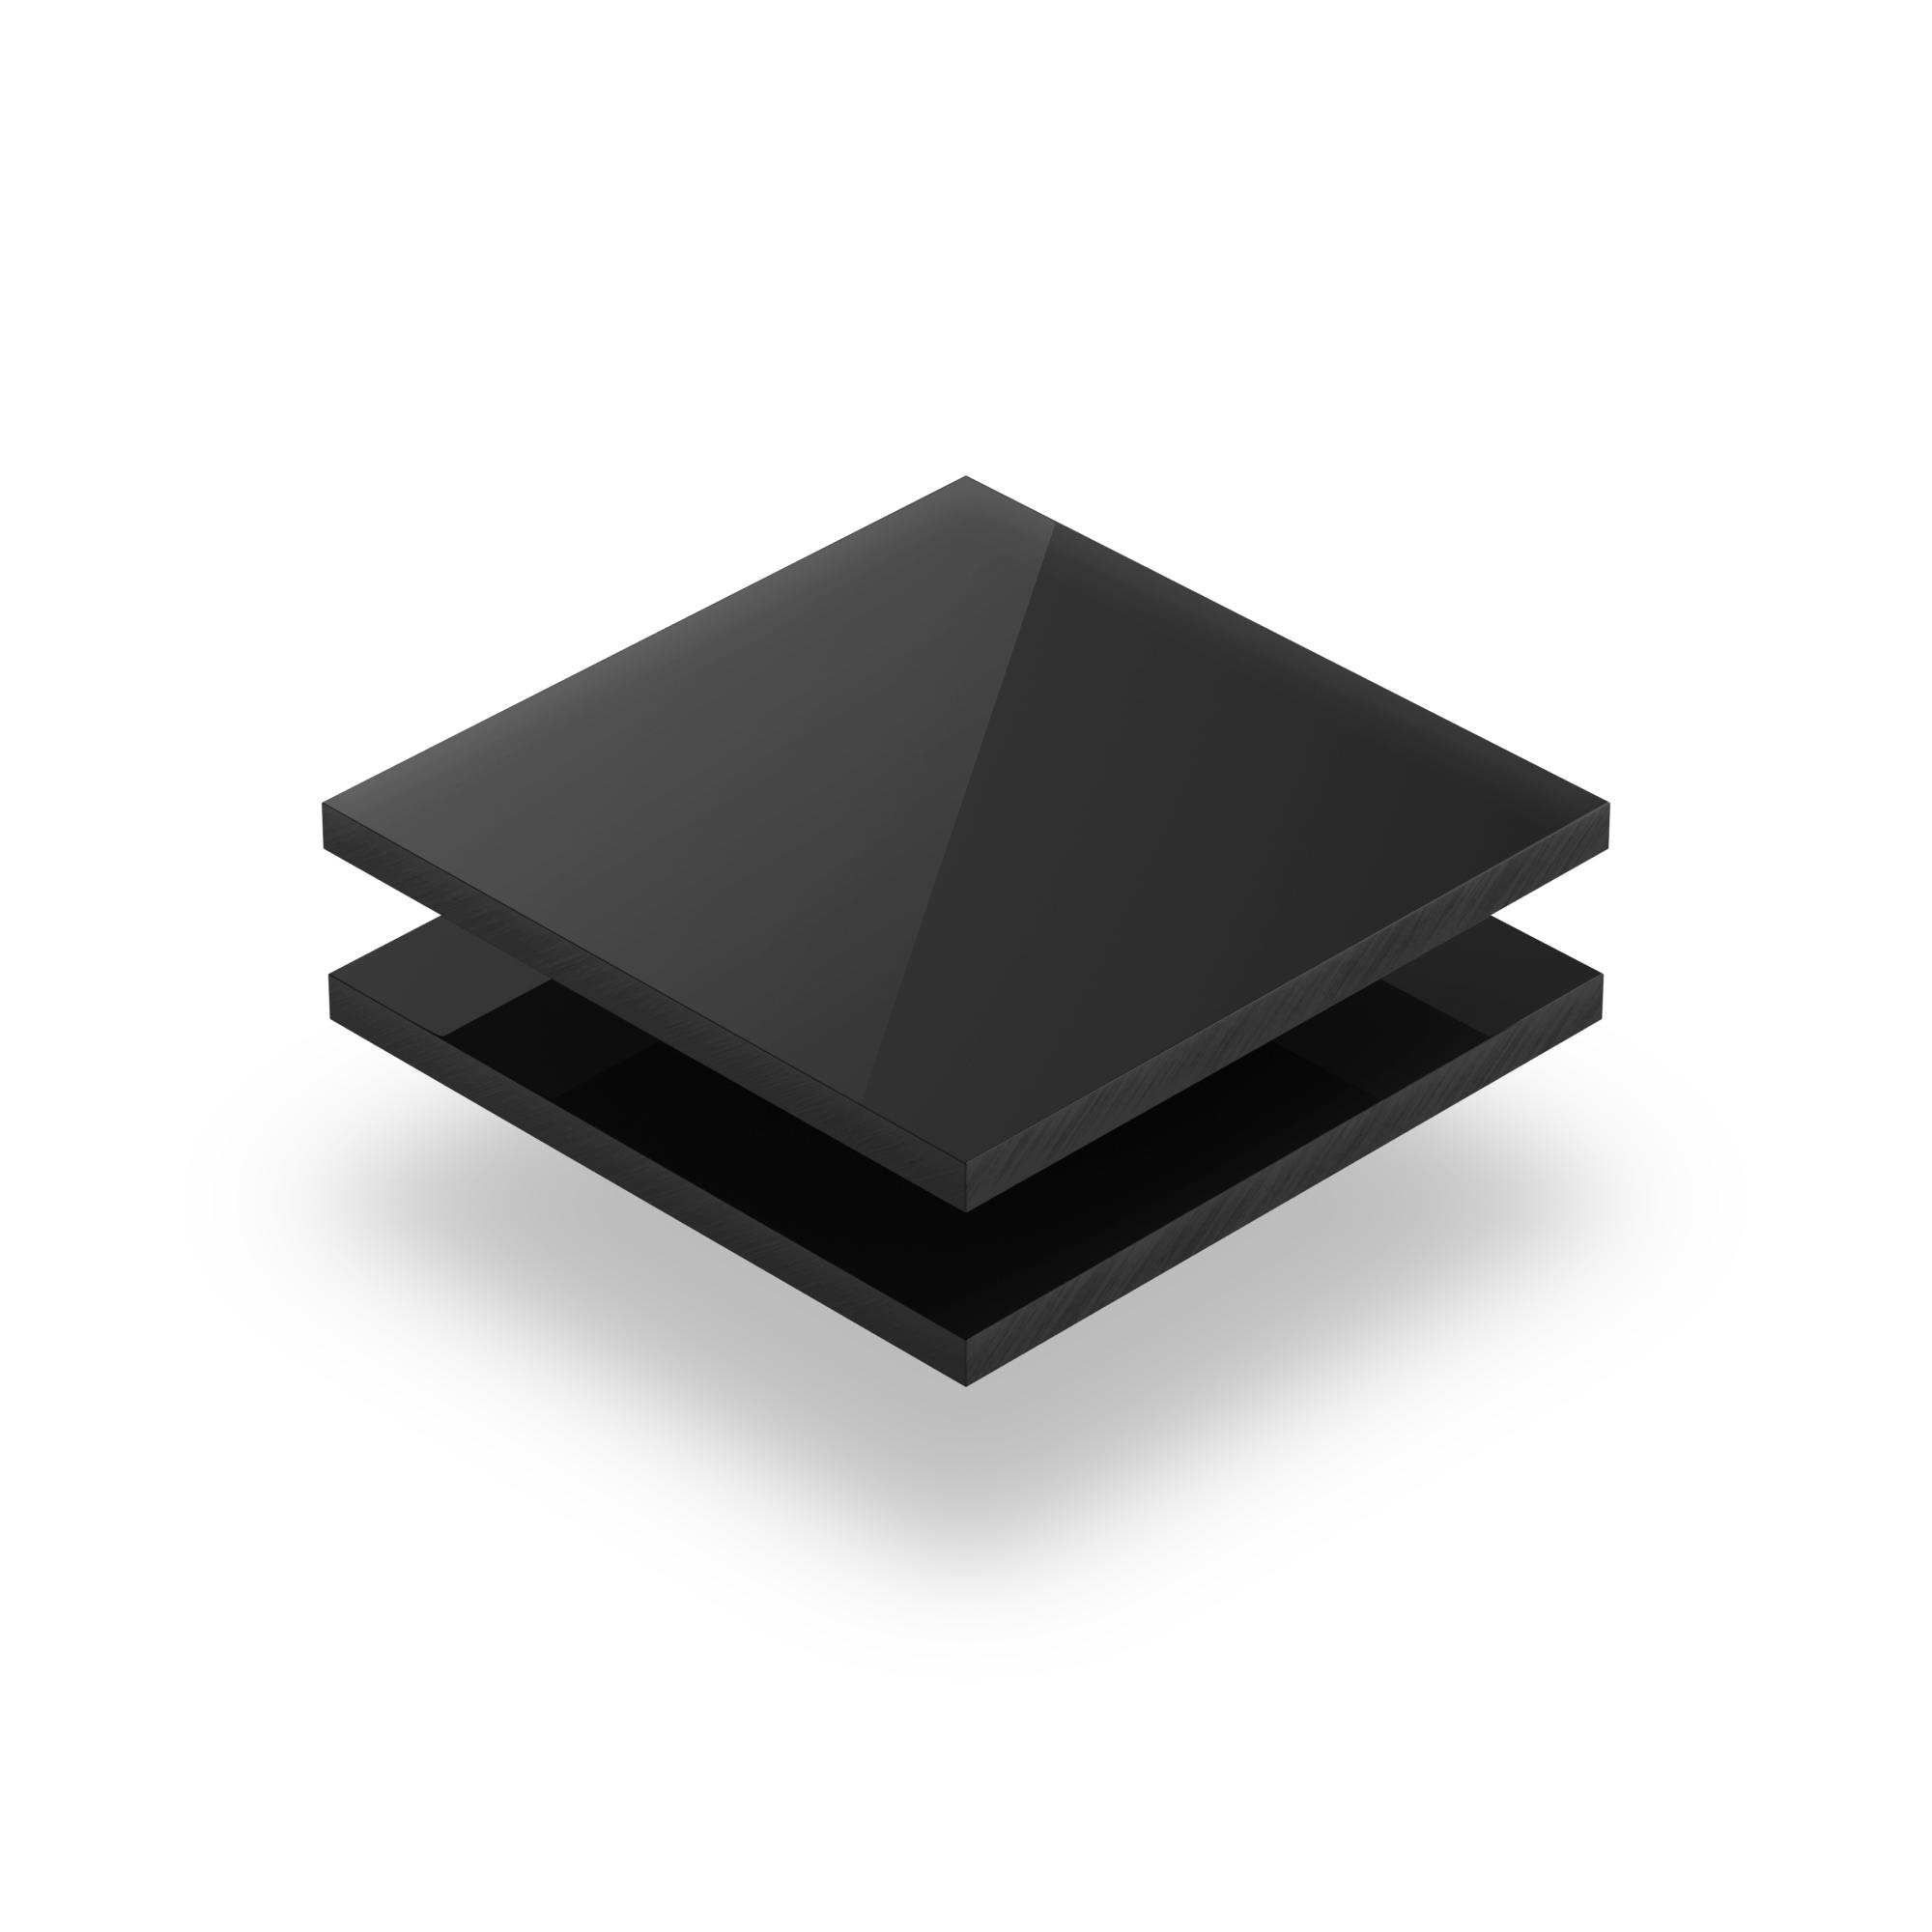 schwarz 4 mm acrylglas gs platte zuschnitt nach ma kaufen. Black Bedroom Furniture Sets. Home Design Ideas